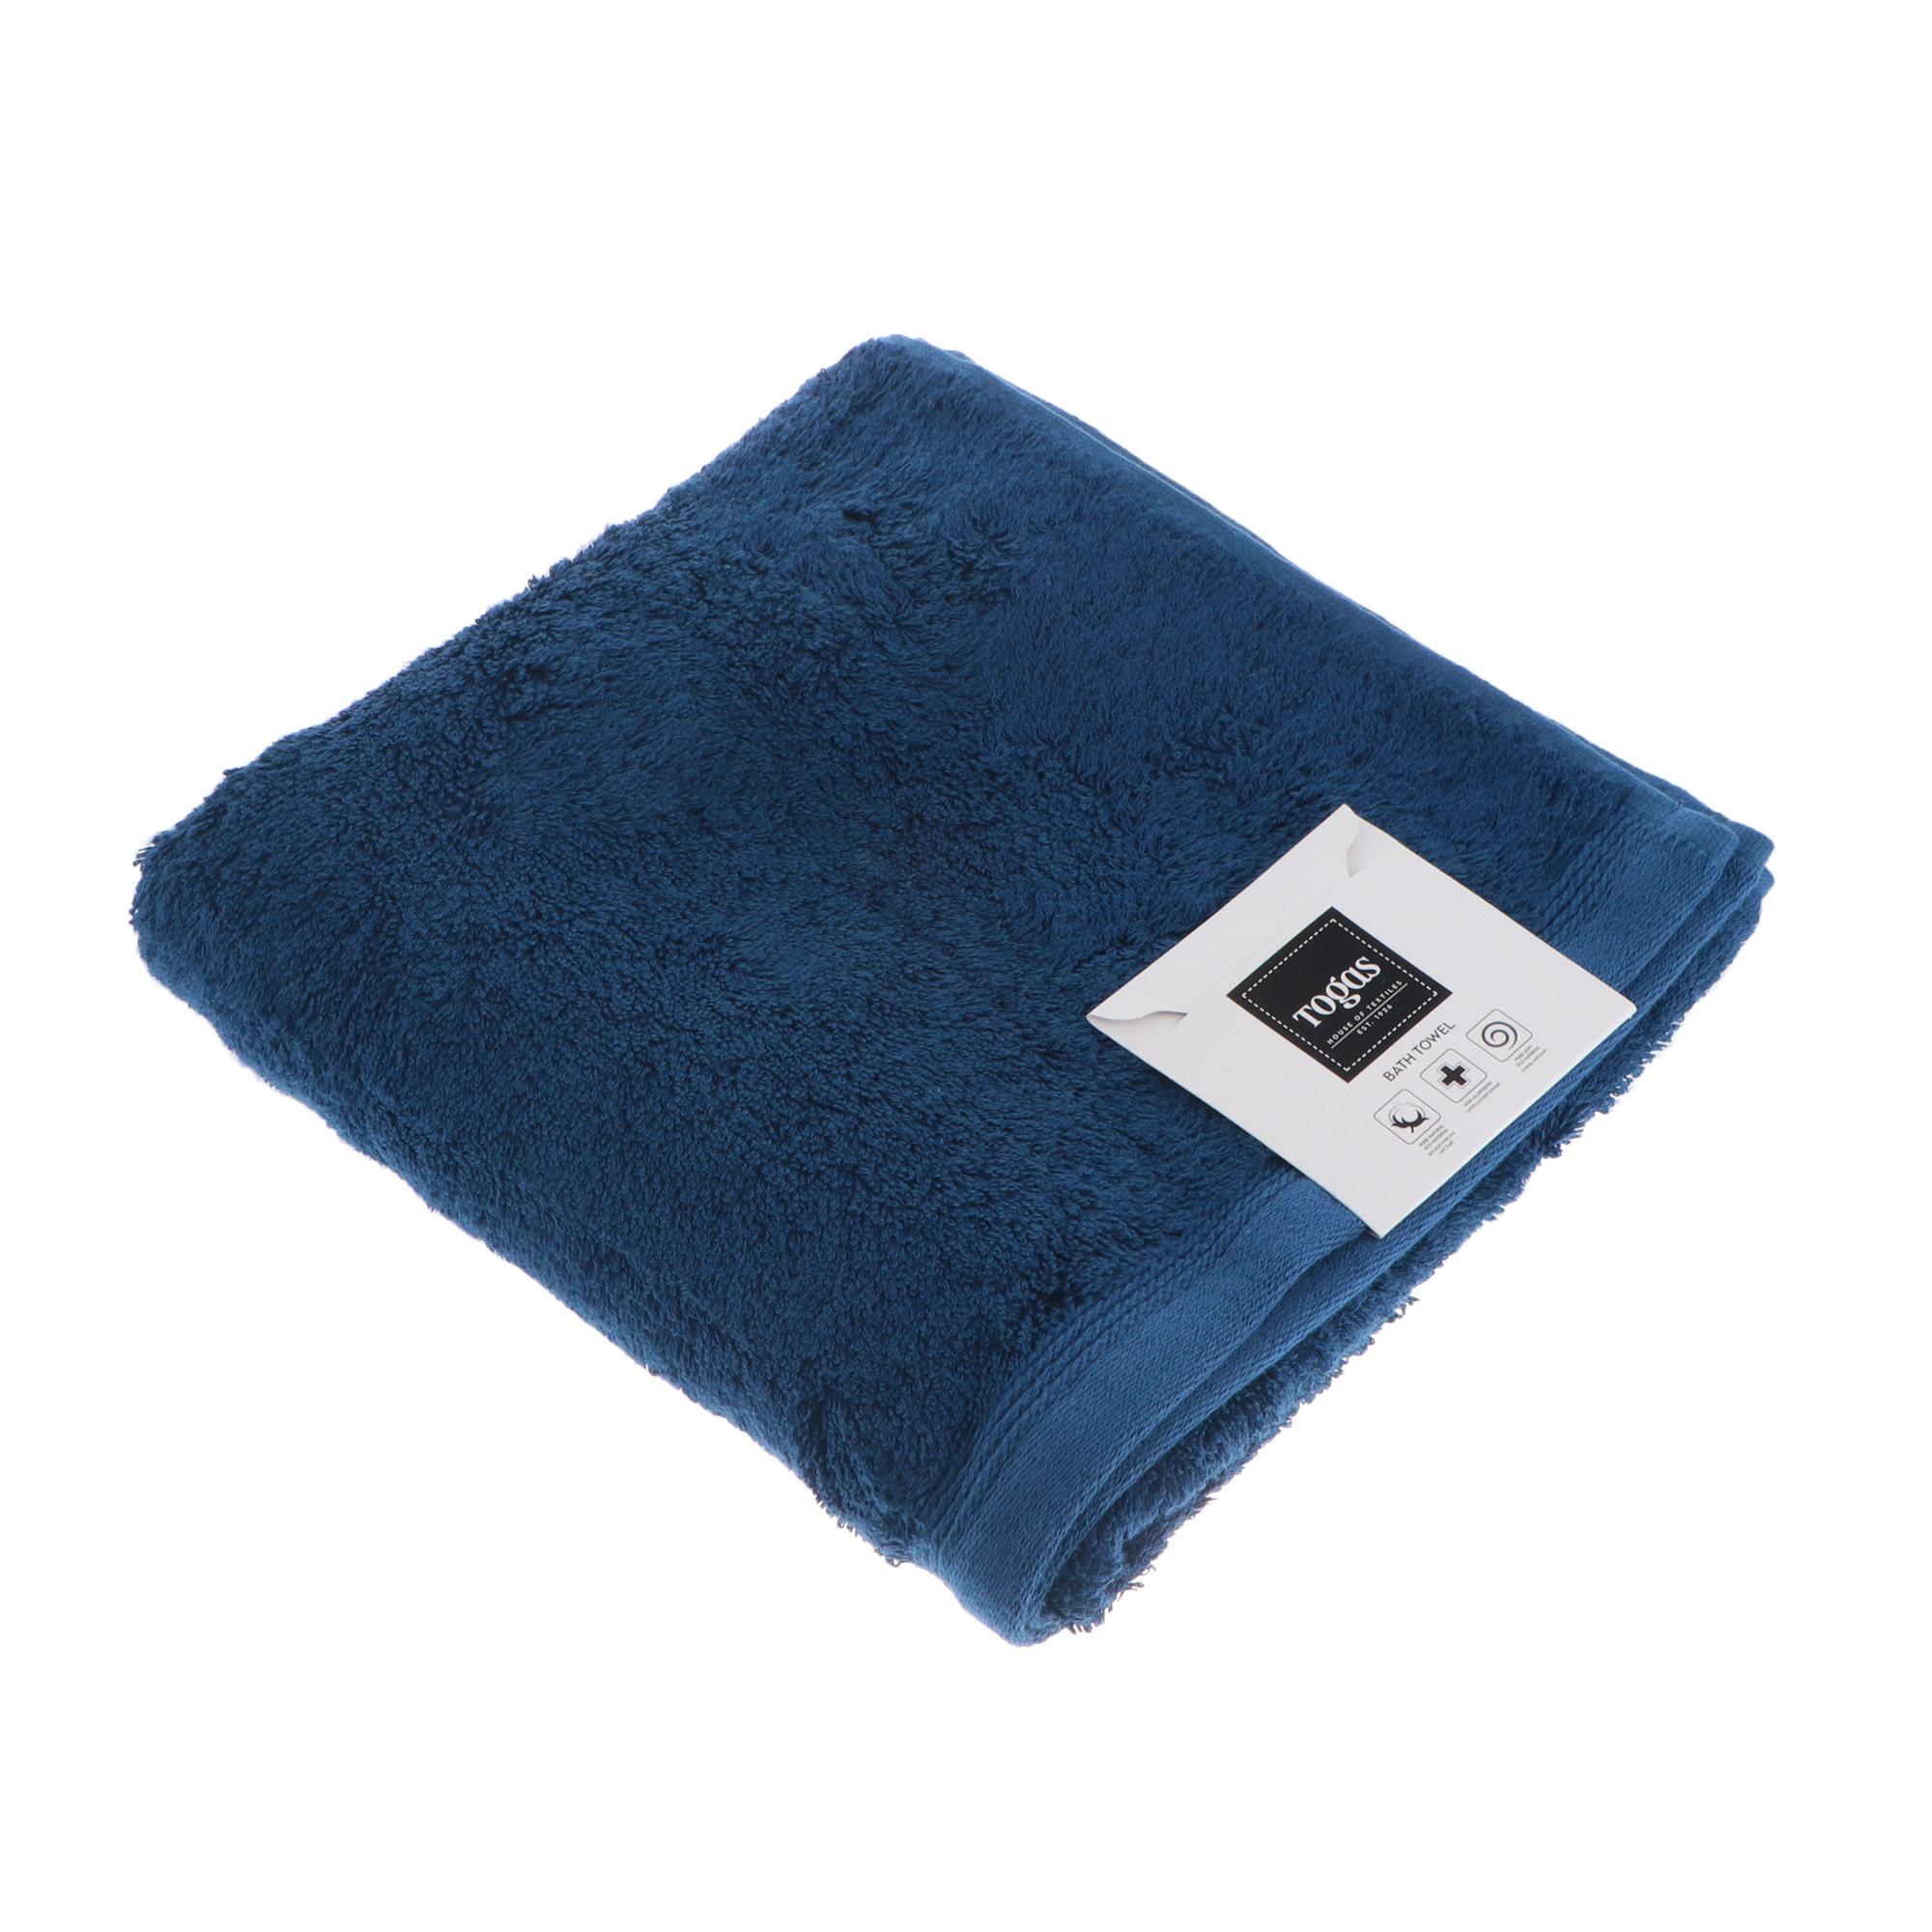 Купить со скидкой Полотенце Togas Пуатье темно-синее 40х60 см